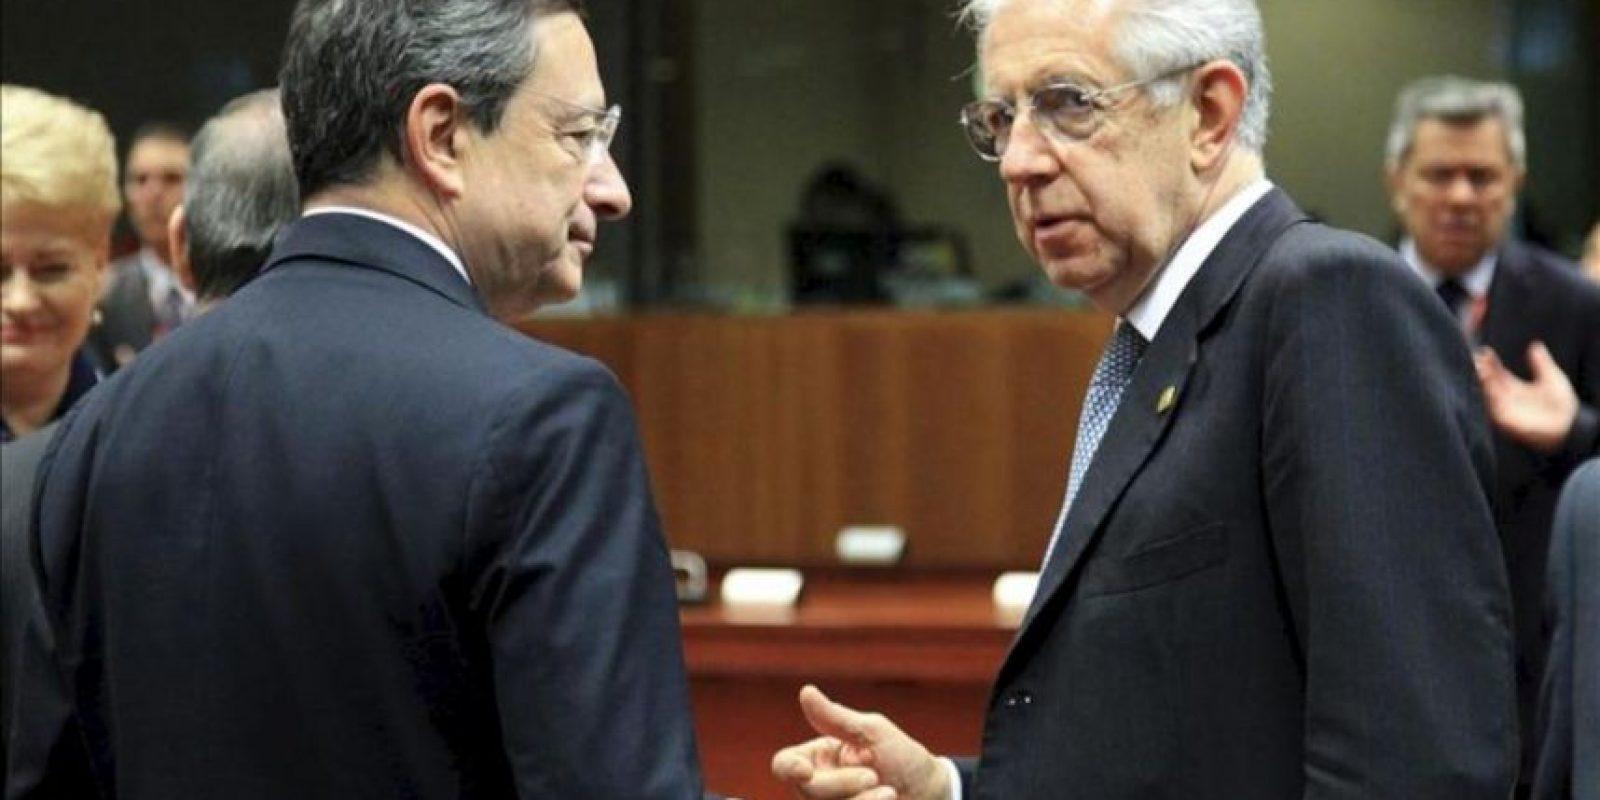 El presidente del Banco Central Europeo, Mario Draghi (izq), y el primer ministro italiano (der), charlan durante la segunda jornada de la cumbre de jefes de Estado y de Gobierno de la Unión Europea en Bruselas, Bélgica. EFE